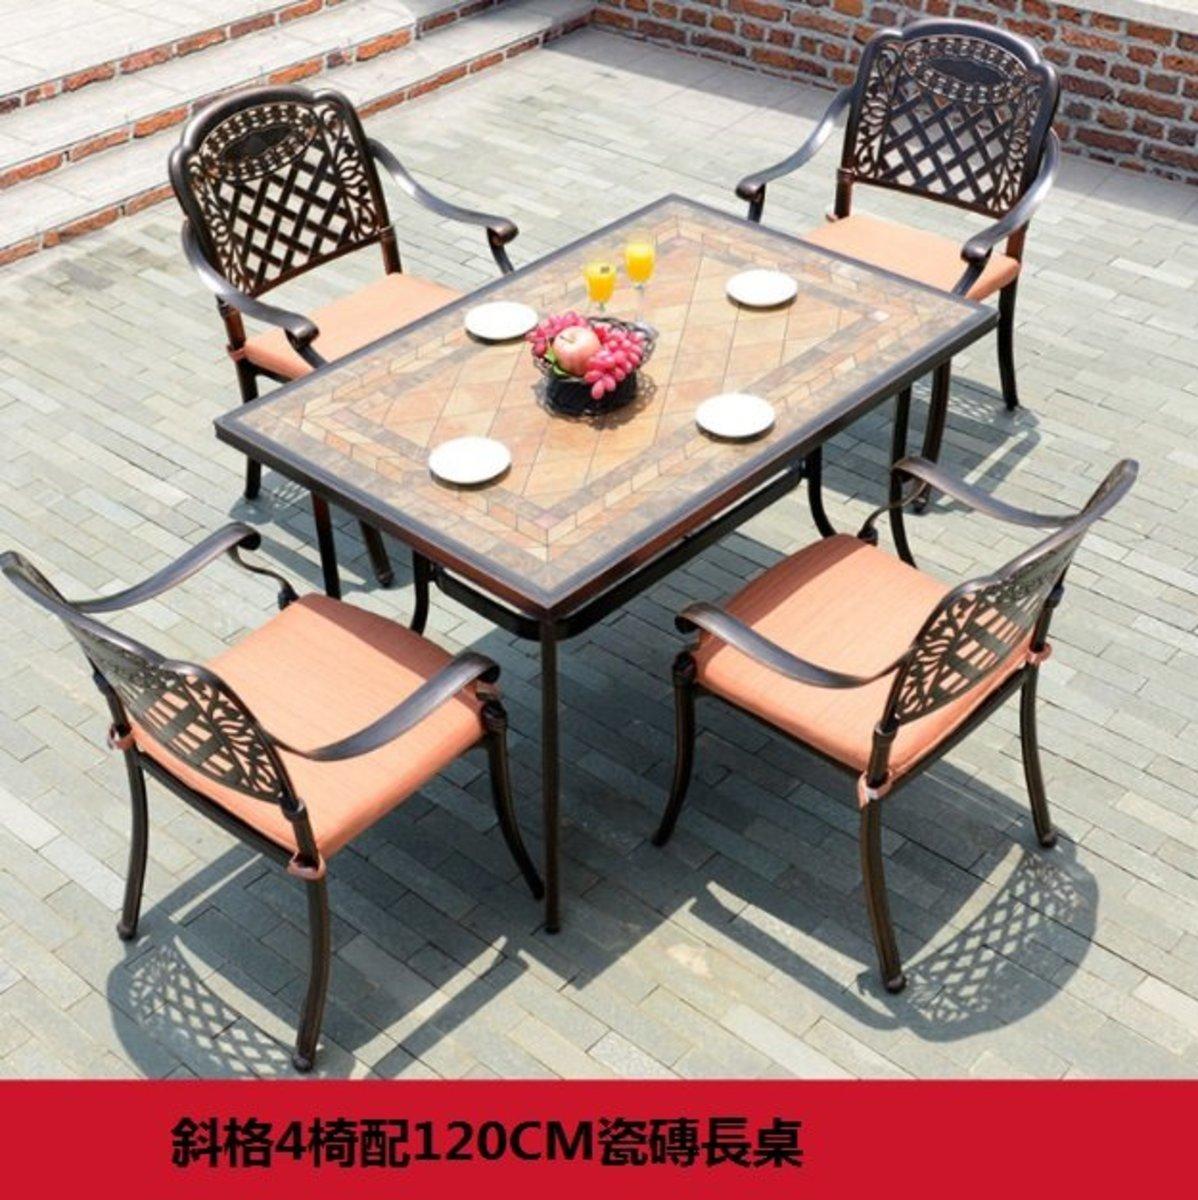 歐式鐵藝防水防曬桌椅(斜格4椅配120CM瓷磚長桌)